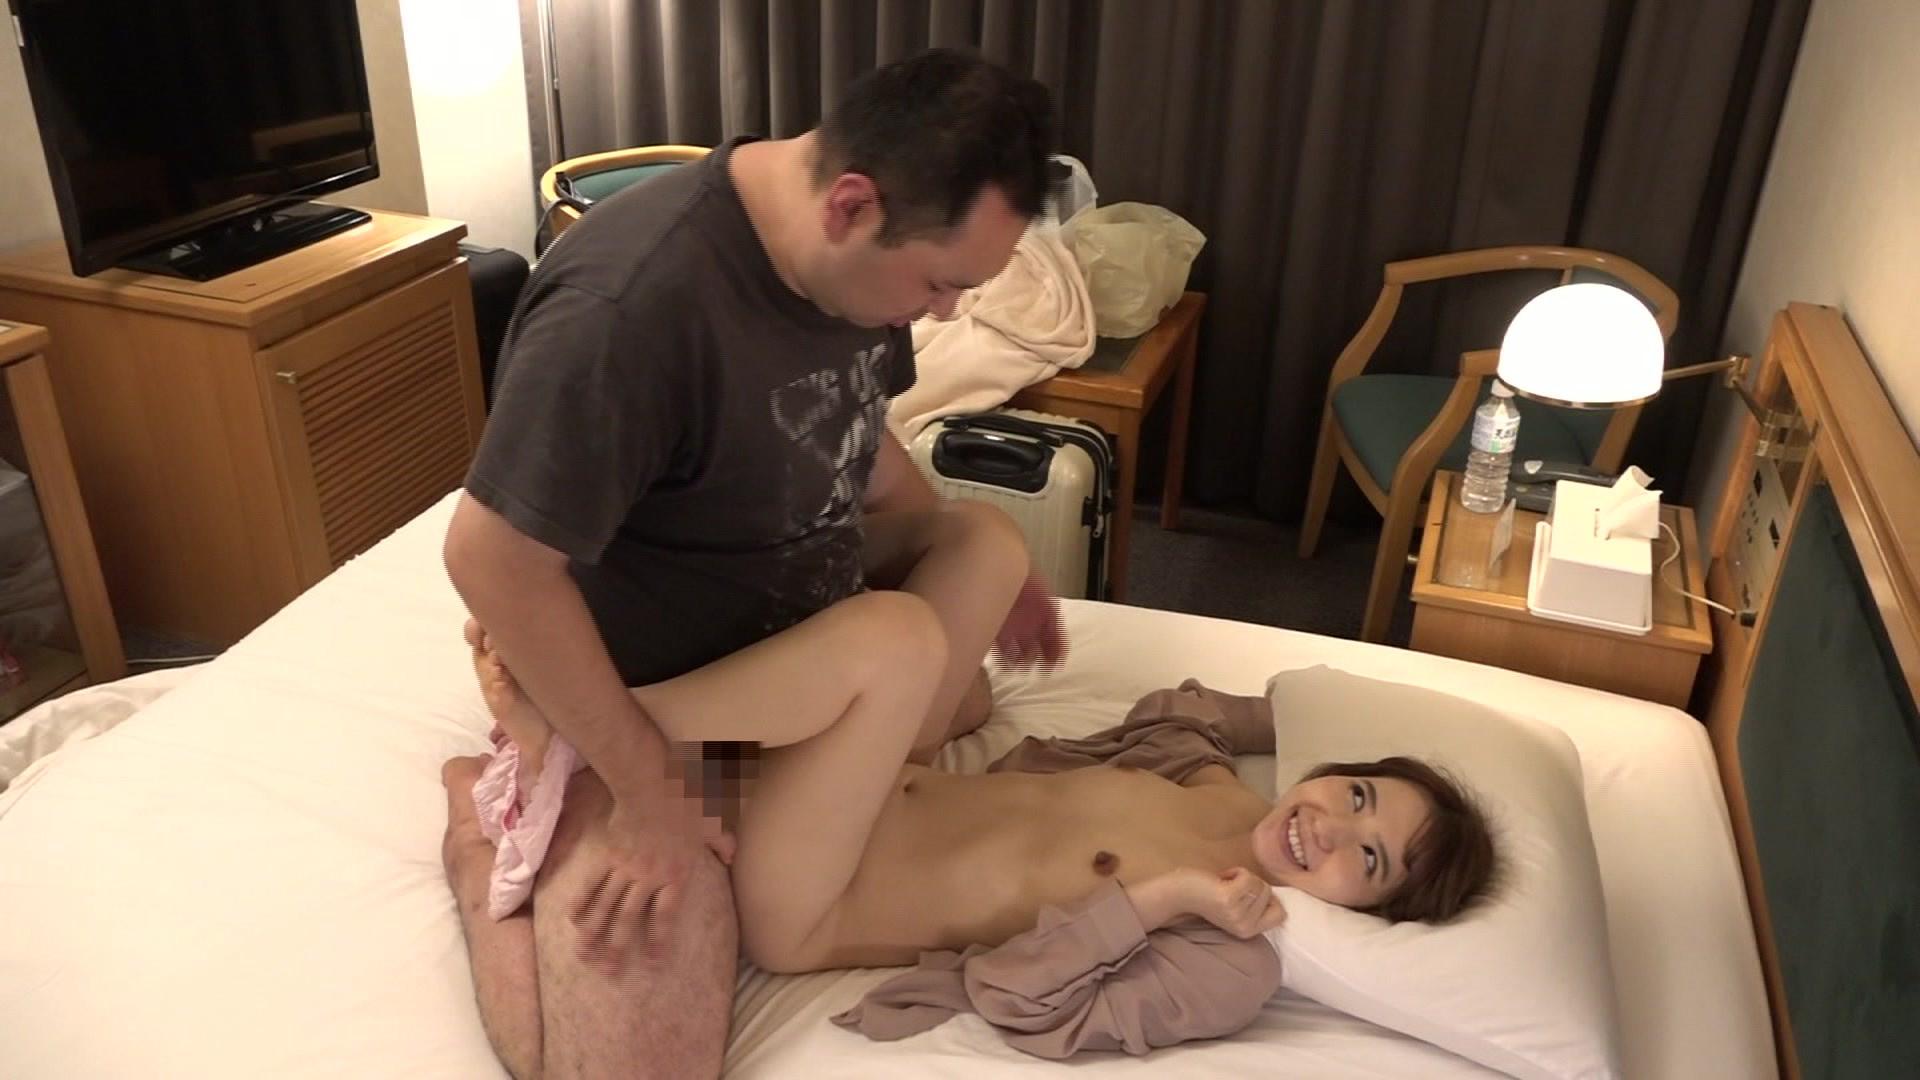 童顔人妻!福井のビジネスホテルで出会った美人マッサージ師・城石さんのおま●こが忘れられないので再び泊まって呼んでみたら中●しできちゃった 画像9